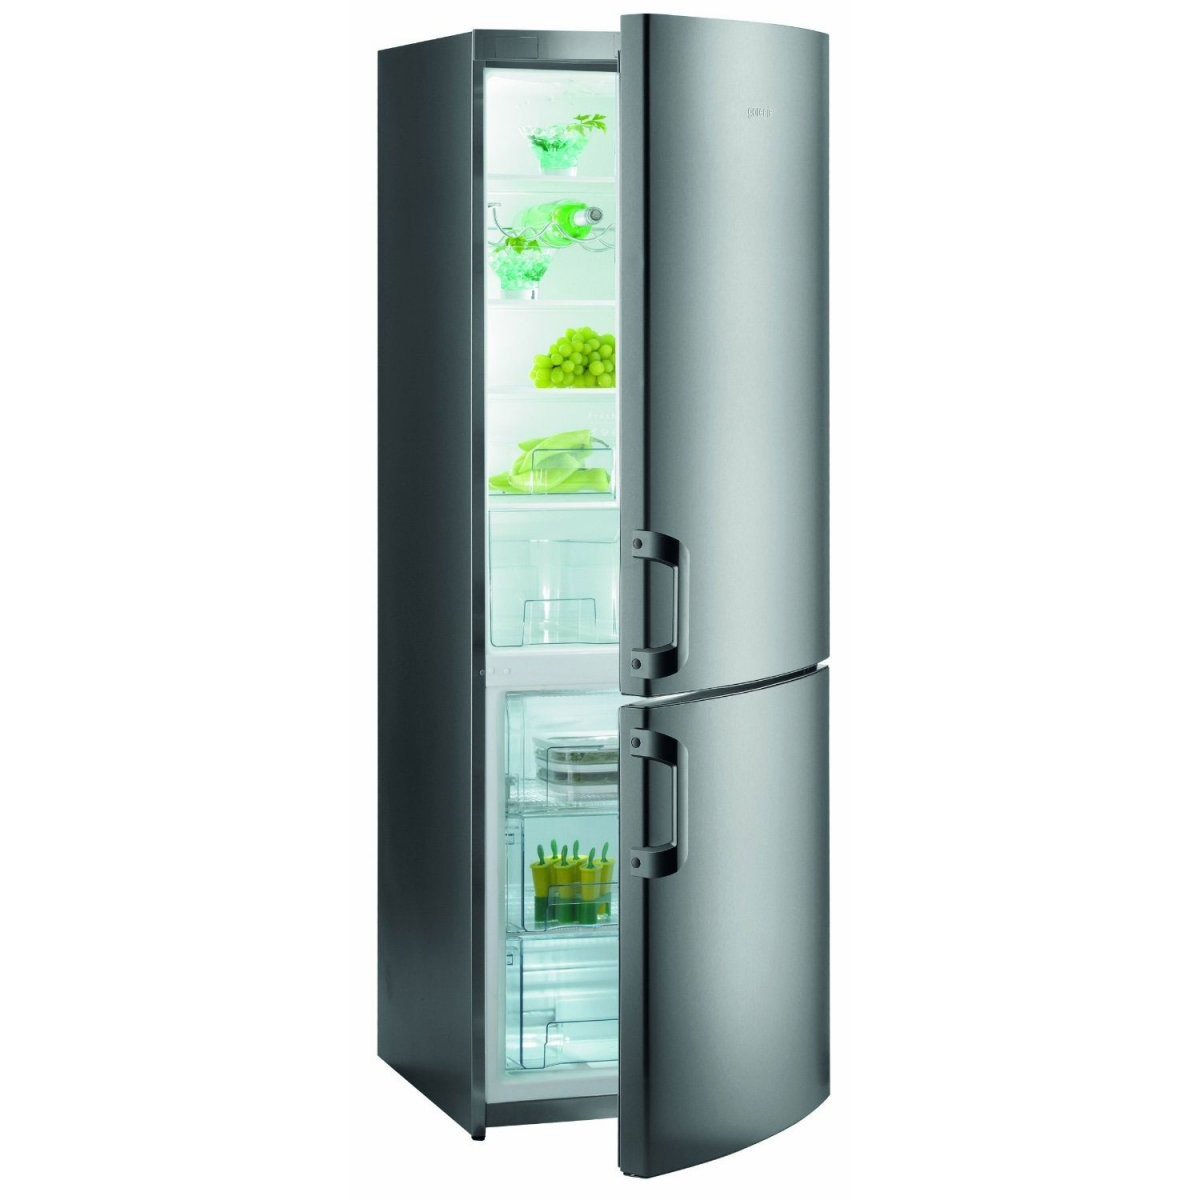 Kühlschrank Mit Gefrierfach Test  Vergleich  Top 10 Im Juli 2019 von Billige Kühlschränke Mit Gefrierfach Bild